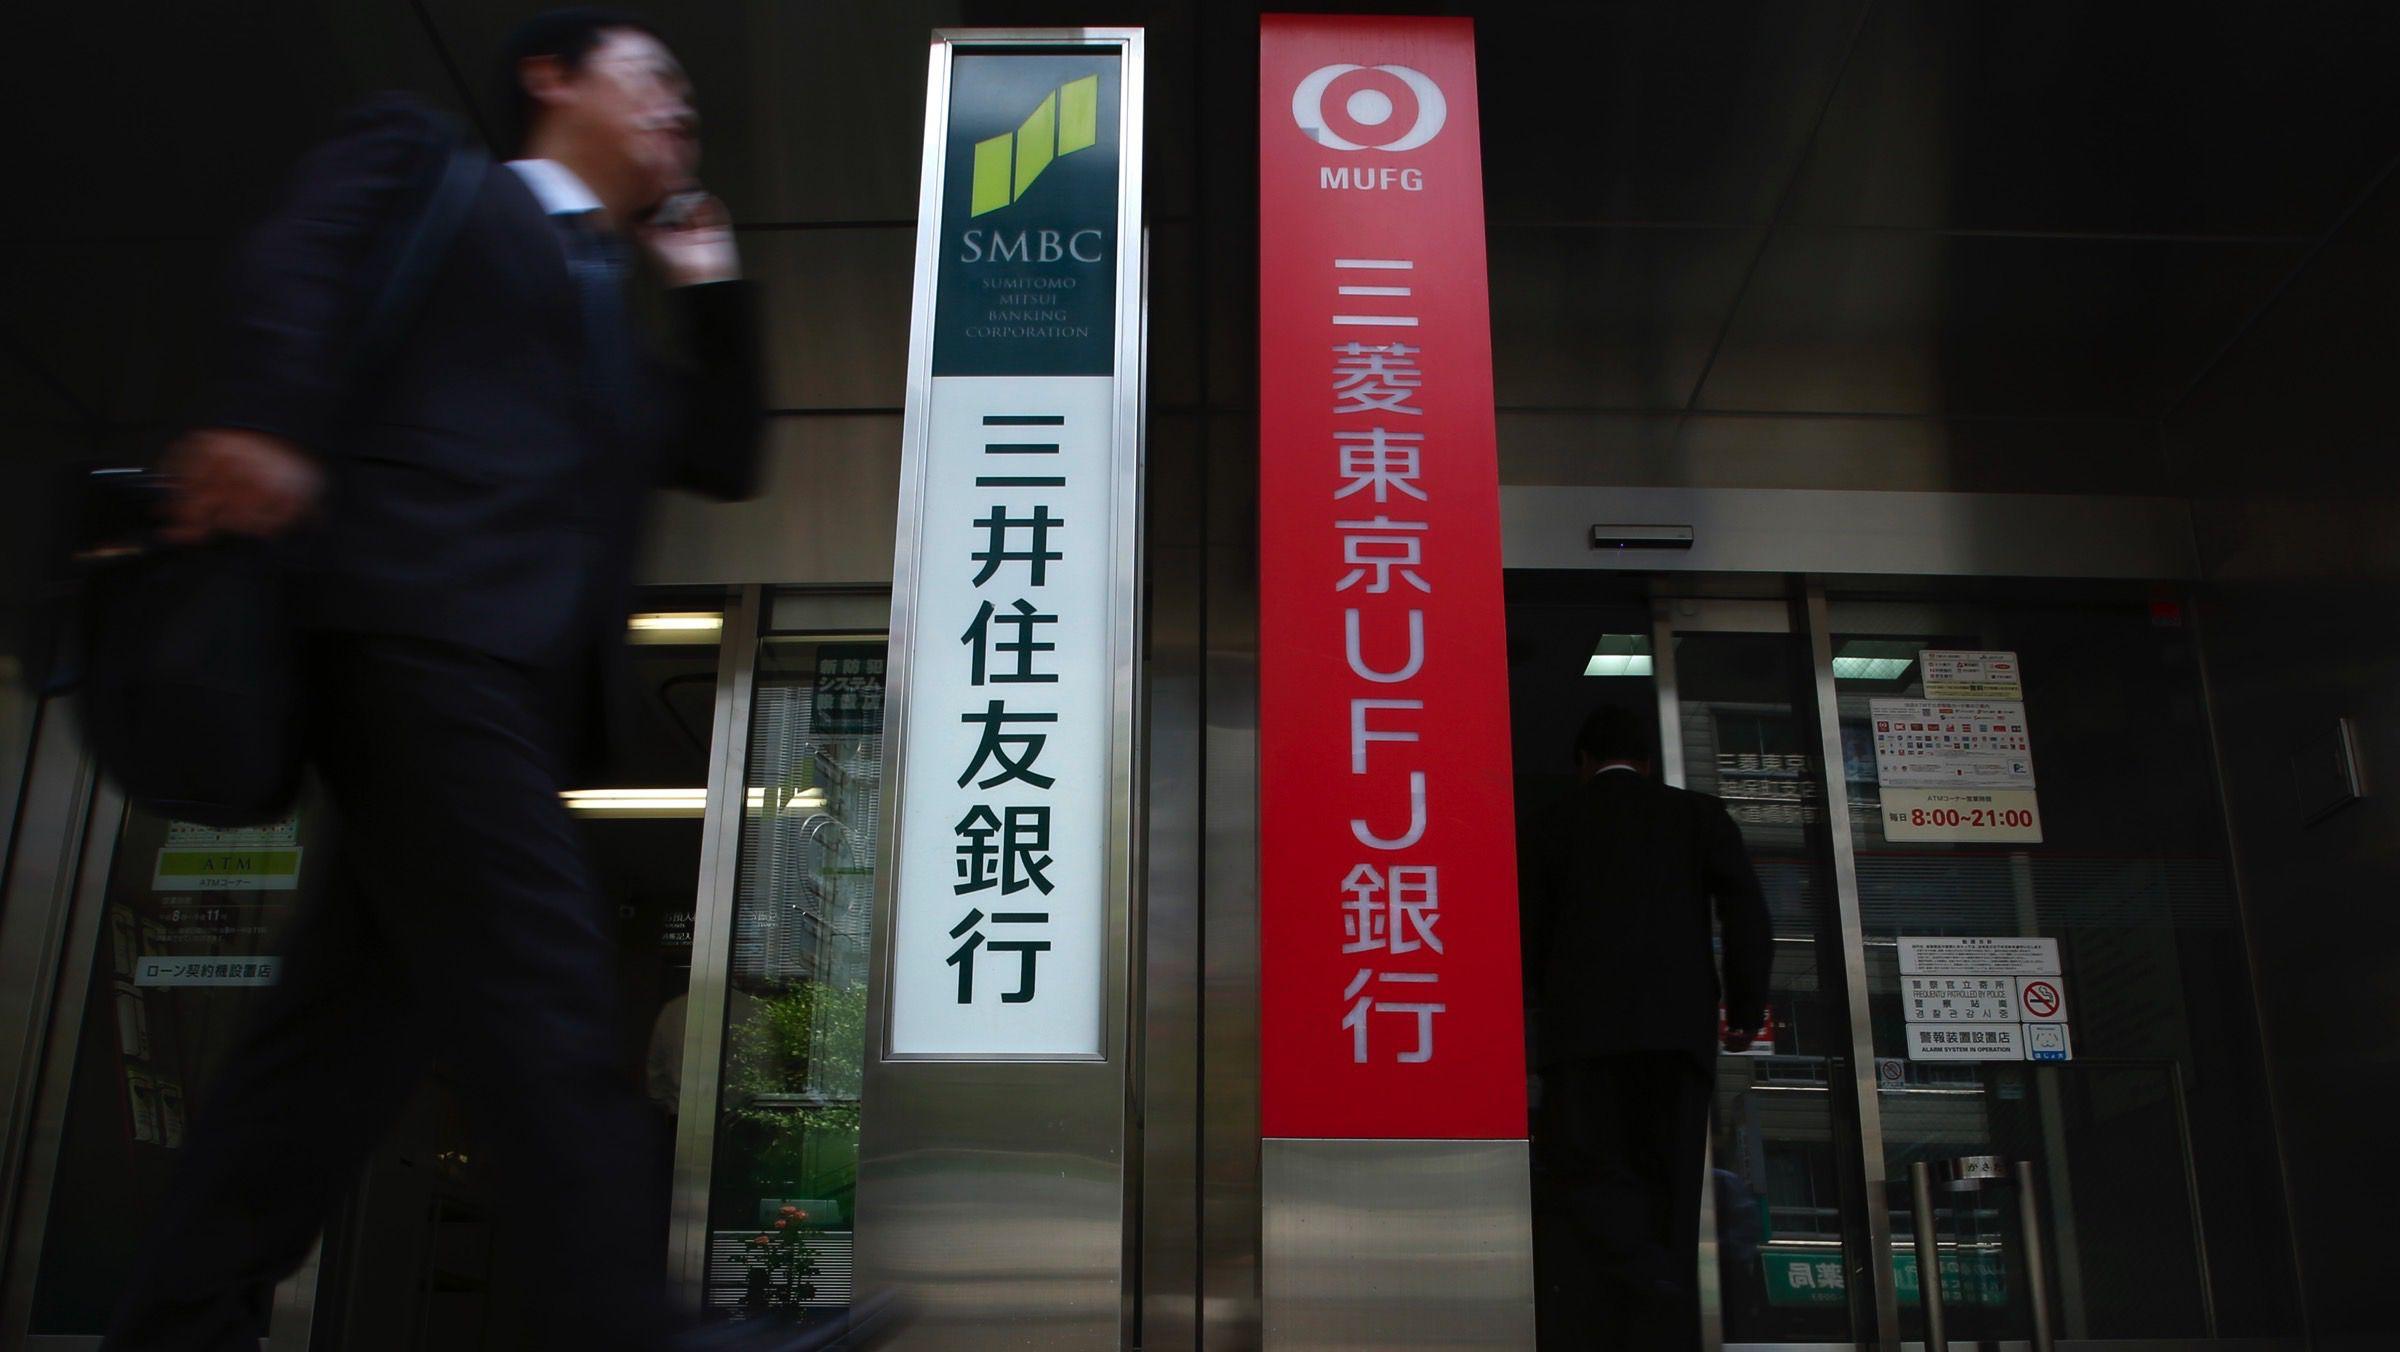 A man walks past ATM machines booth of Japan's mega banks, Sumitomo Mitsui Banking Corporation and Bank of Tokyo-Mitsubishi UFJ, in Tokyo